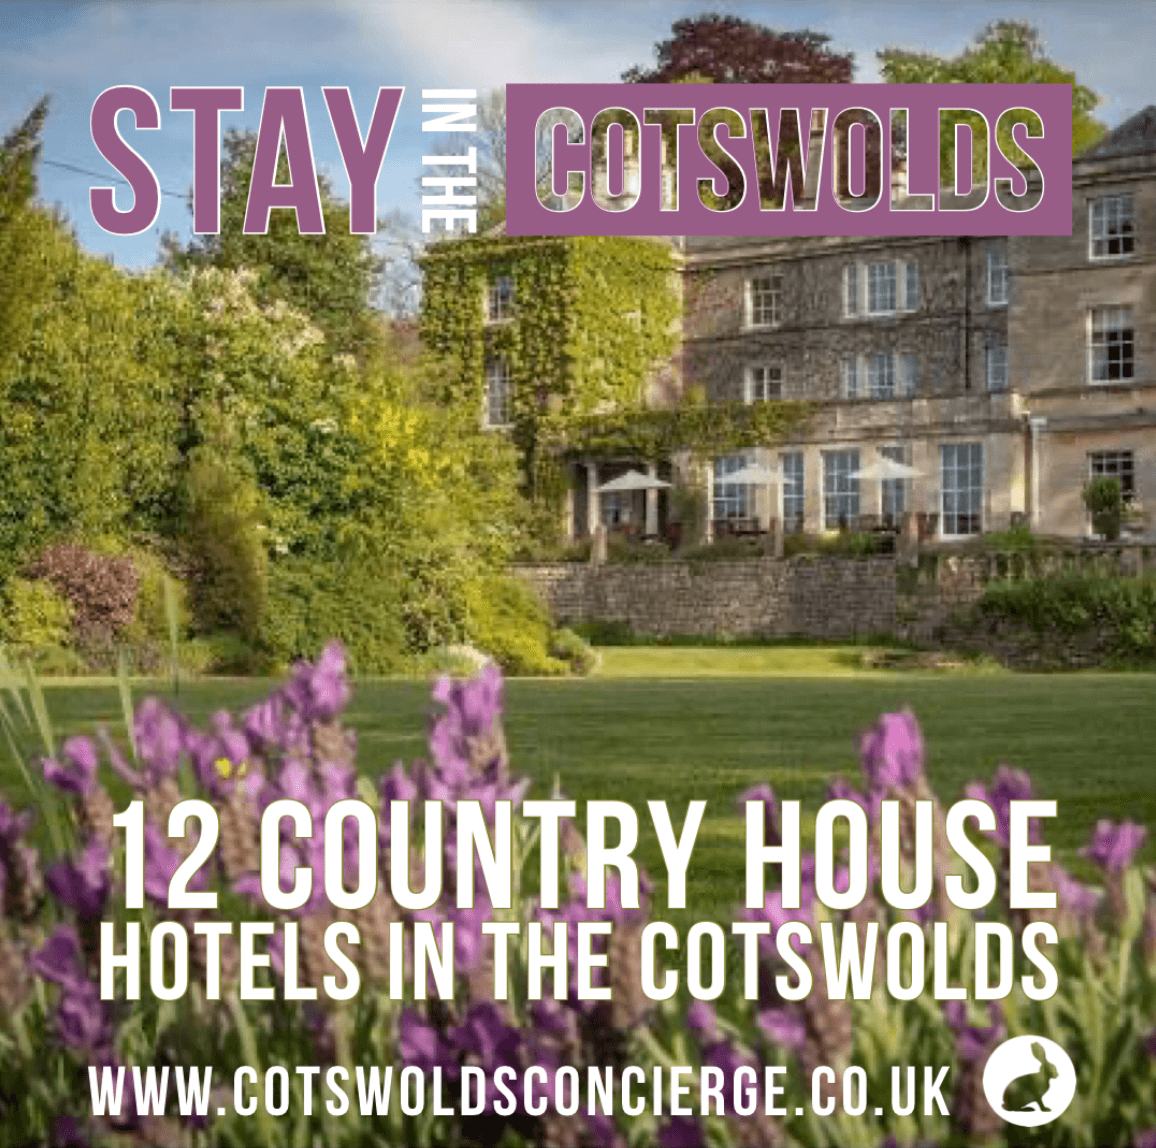 Cotswold Concierge